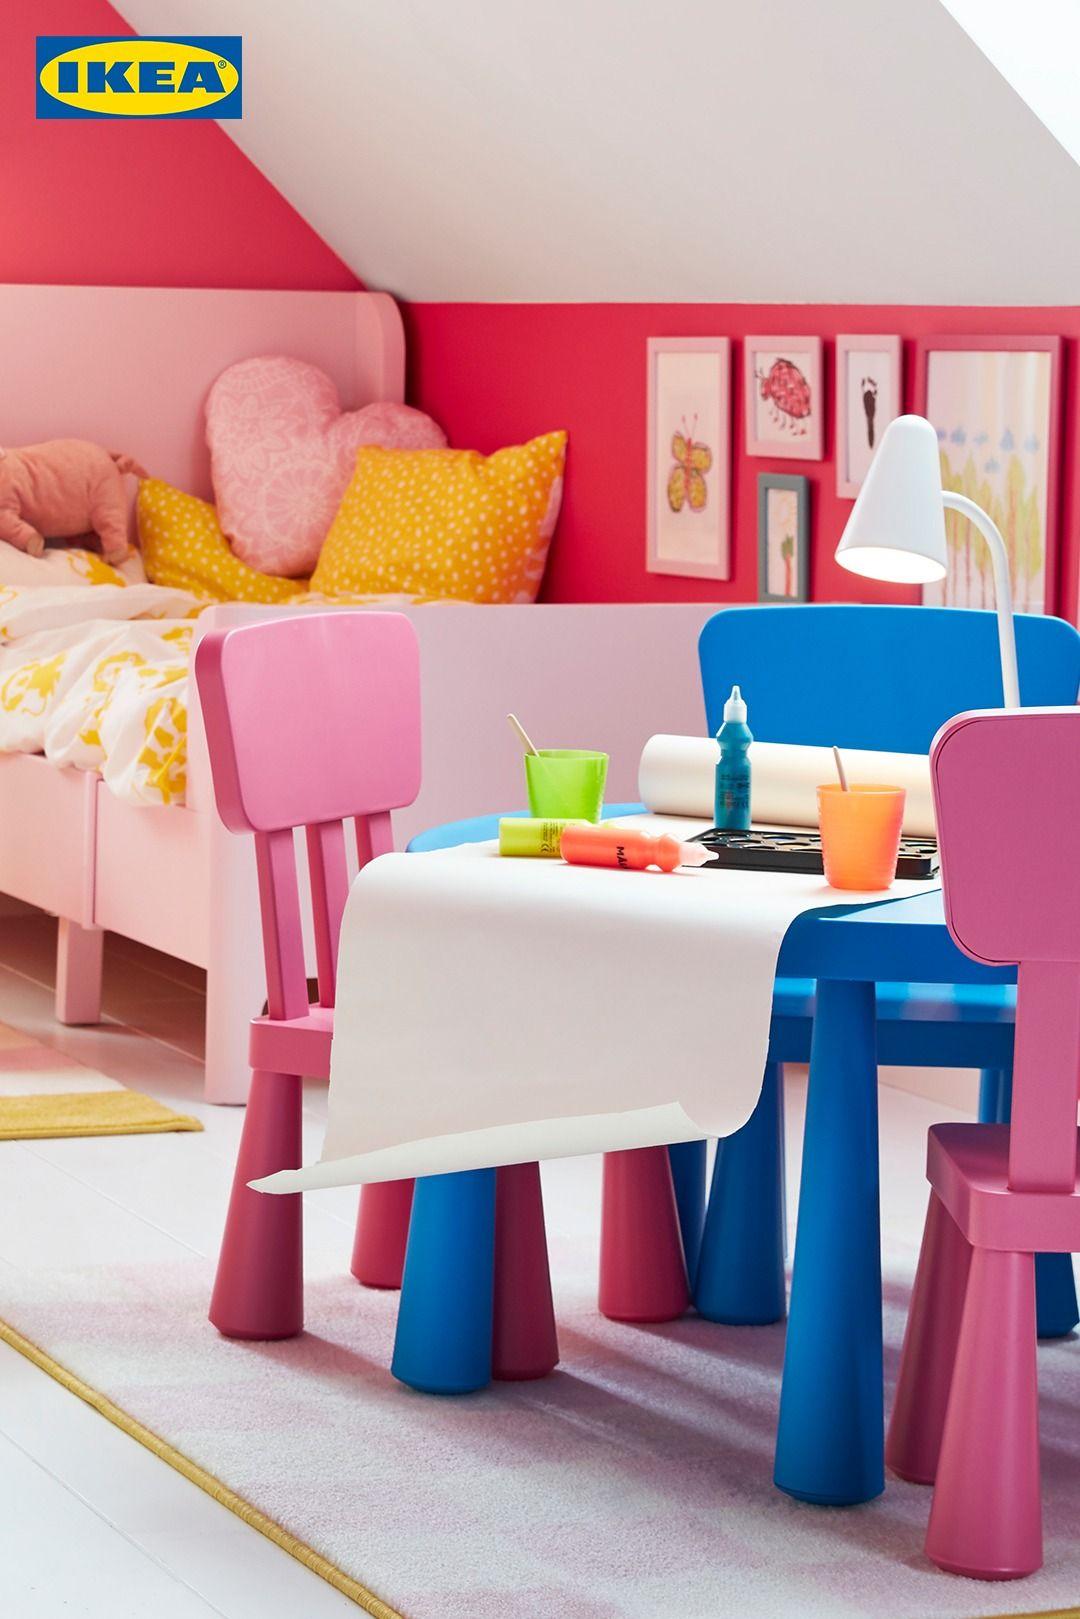 Spielzeugwust gemeinsam bändigen   Ikea zuhause, Kinder ...